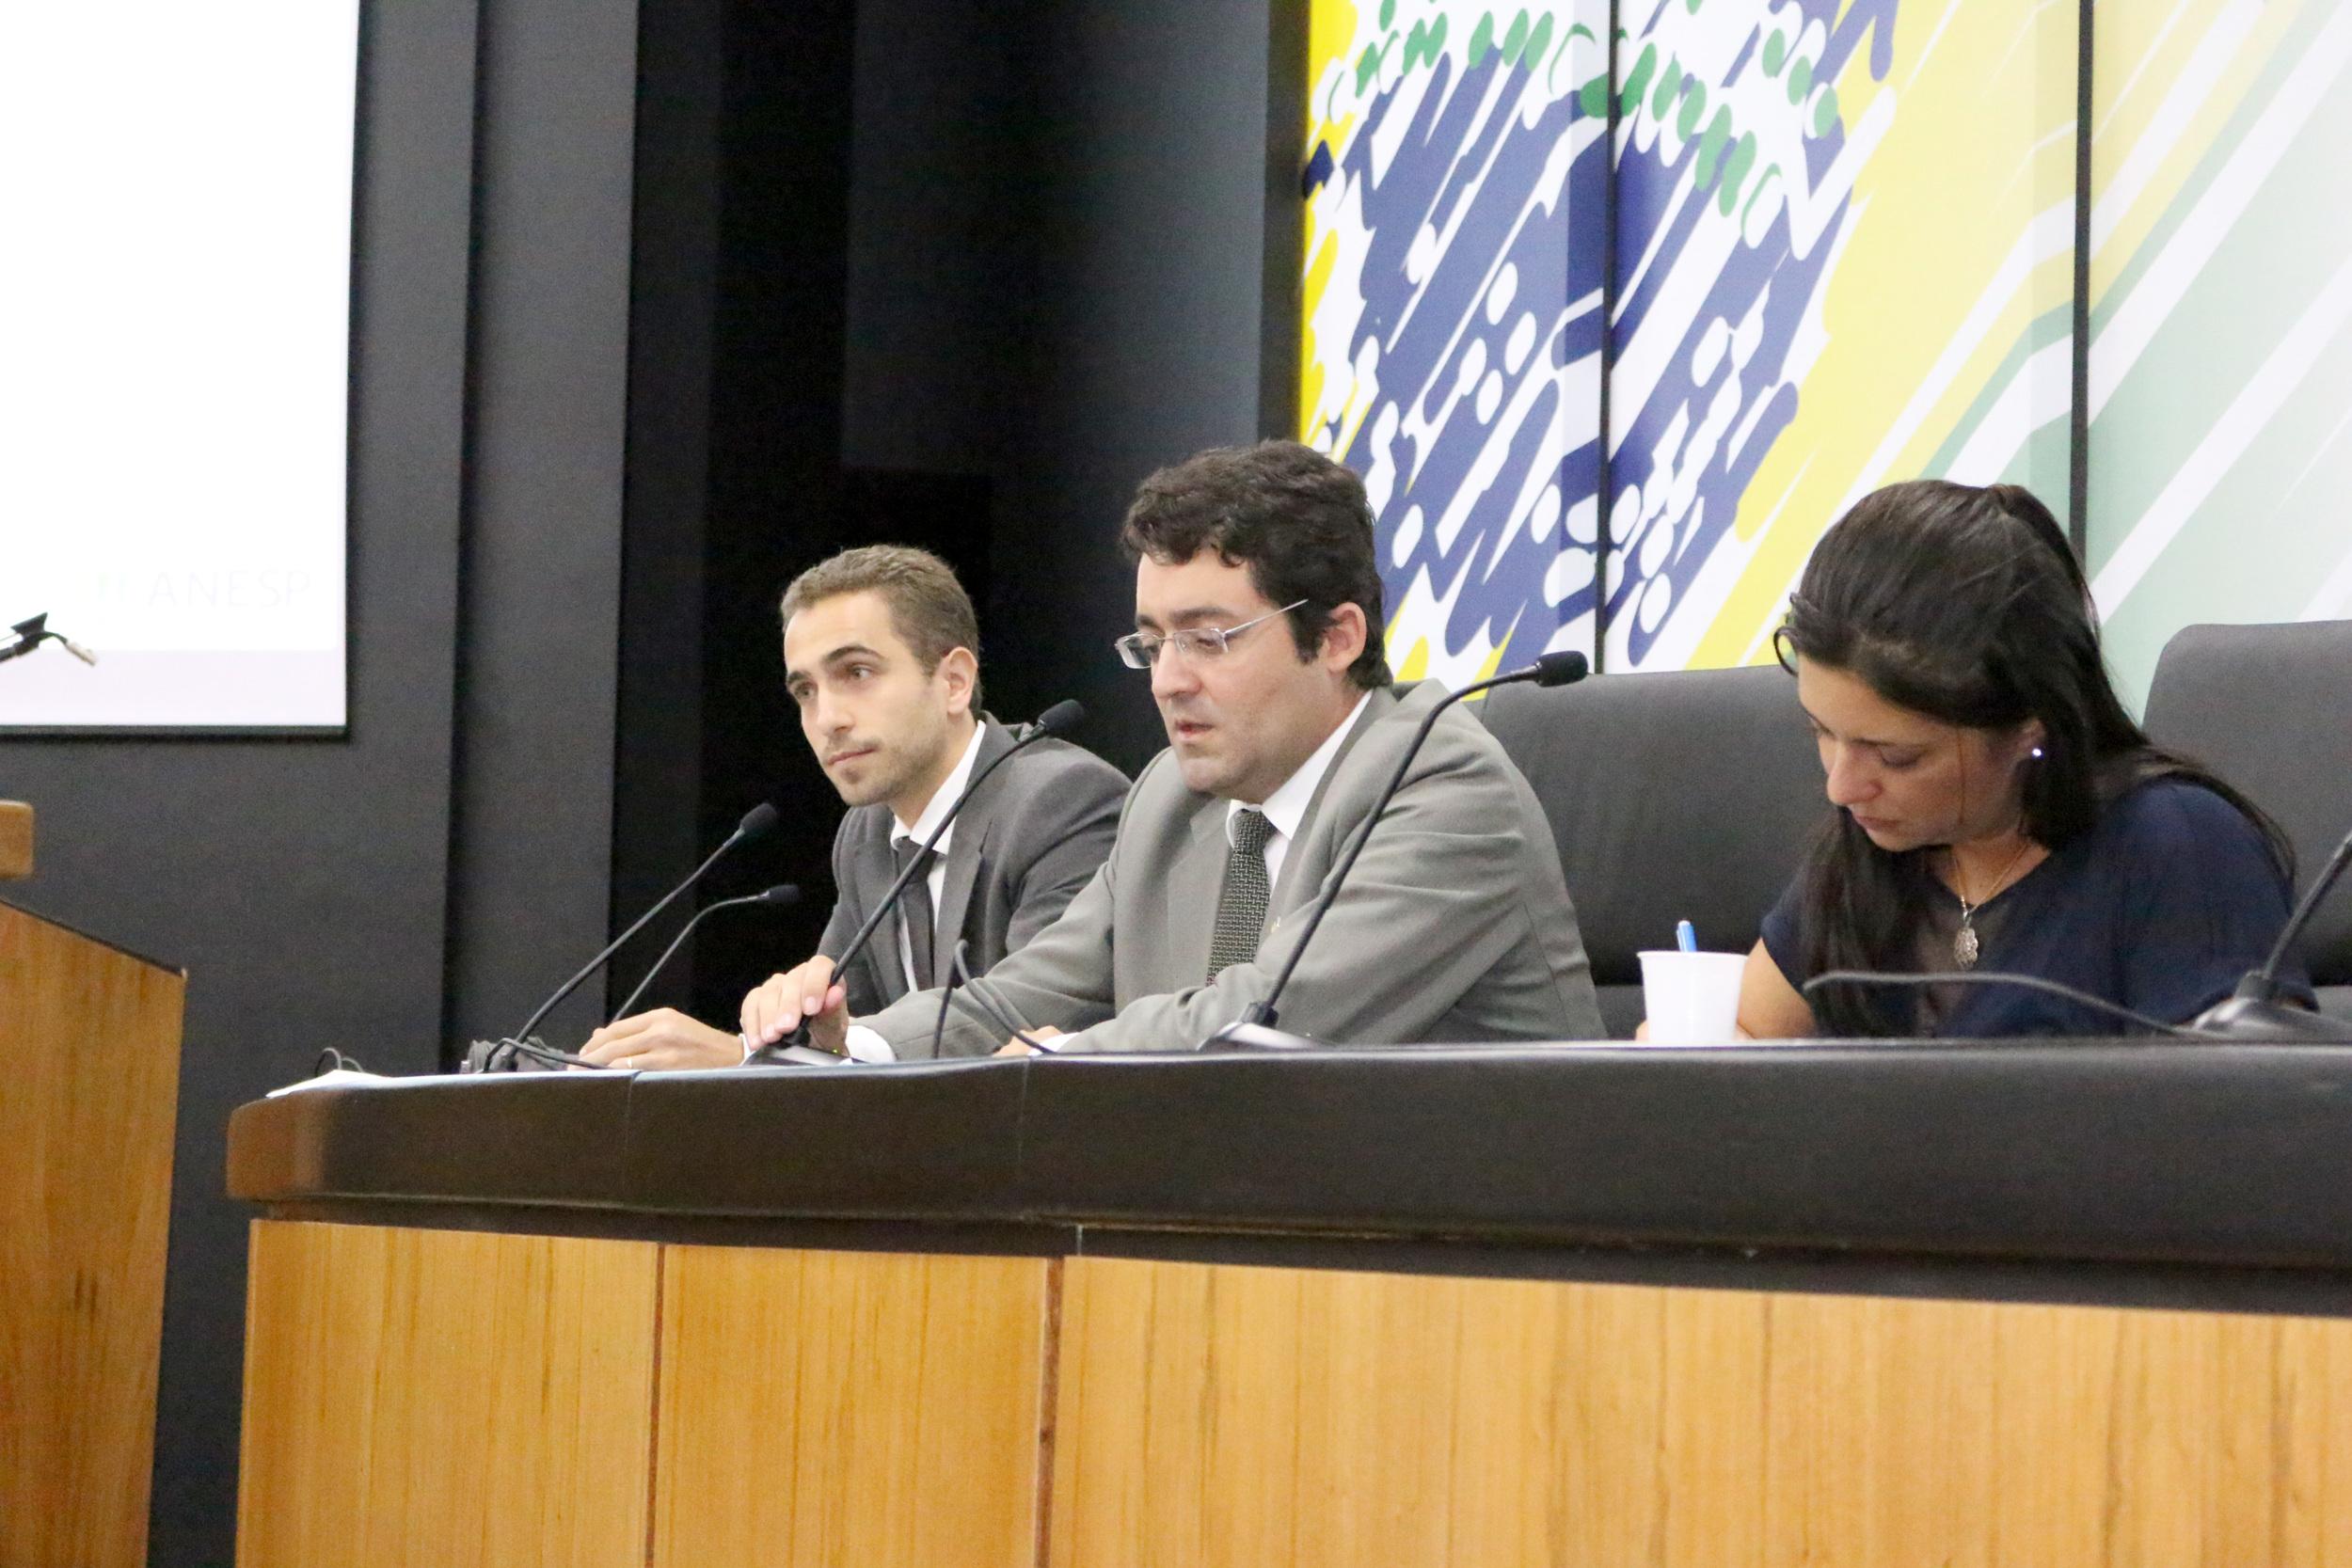 Presidente da ANESP, Alex Canuto, ao lado do Diretor de Comunicação, Matheus Azevedo, e da Vice-Presidente, Ana Mesquita.